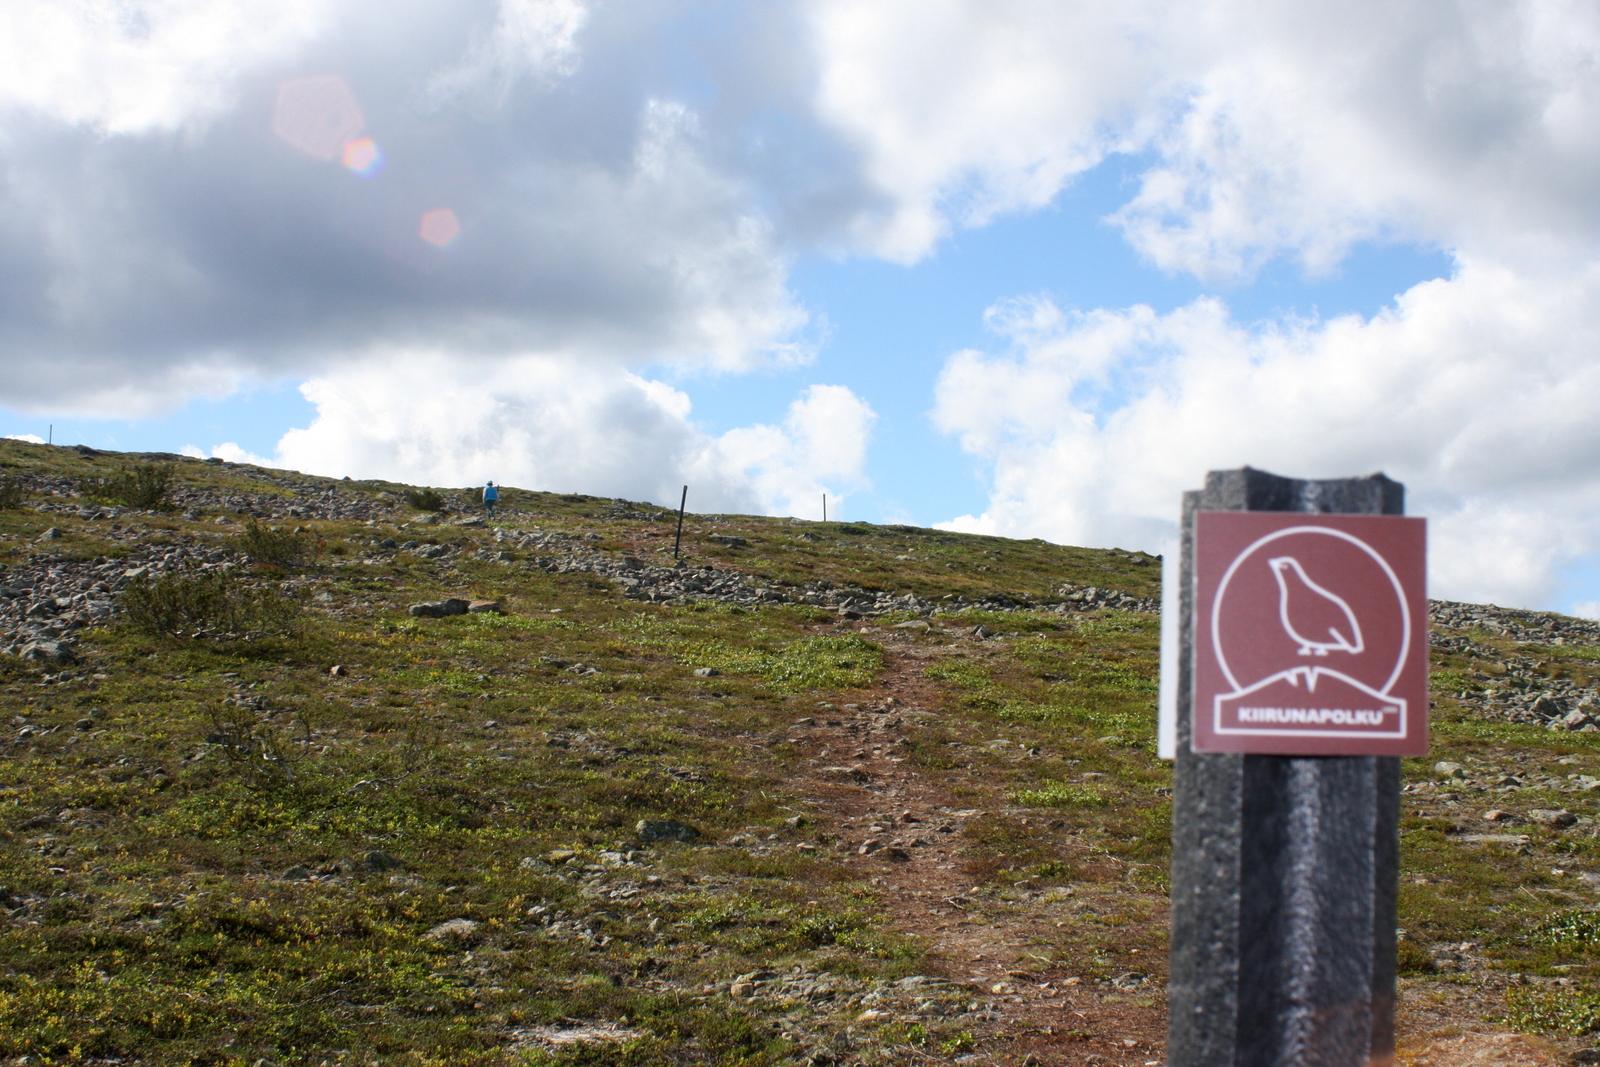 Saariselkä, Kiilopää. Viimeinen nousu huipulle. Matkaryhmän pienin on jo melkein perillä (sininen piste kuvassa).